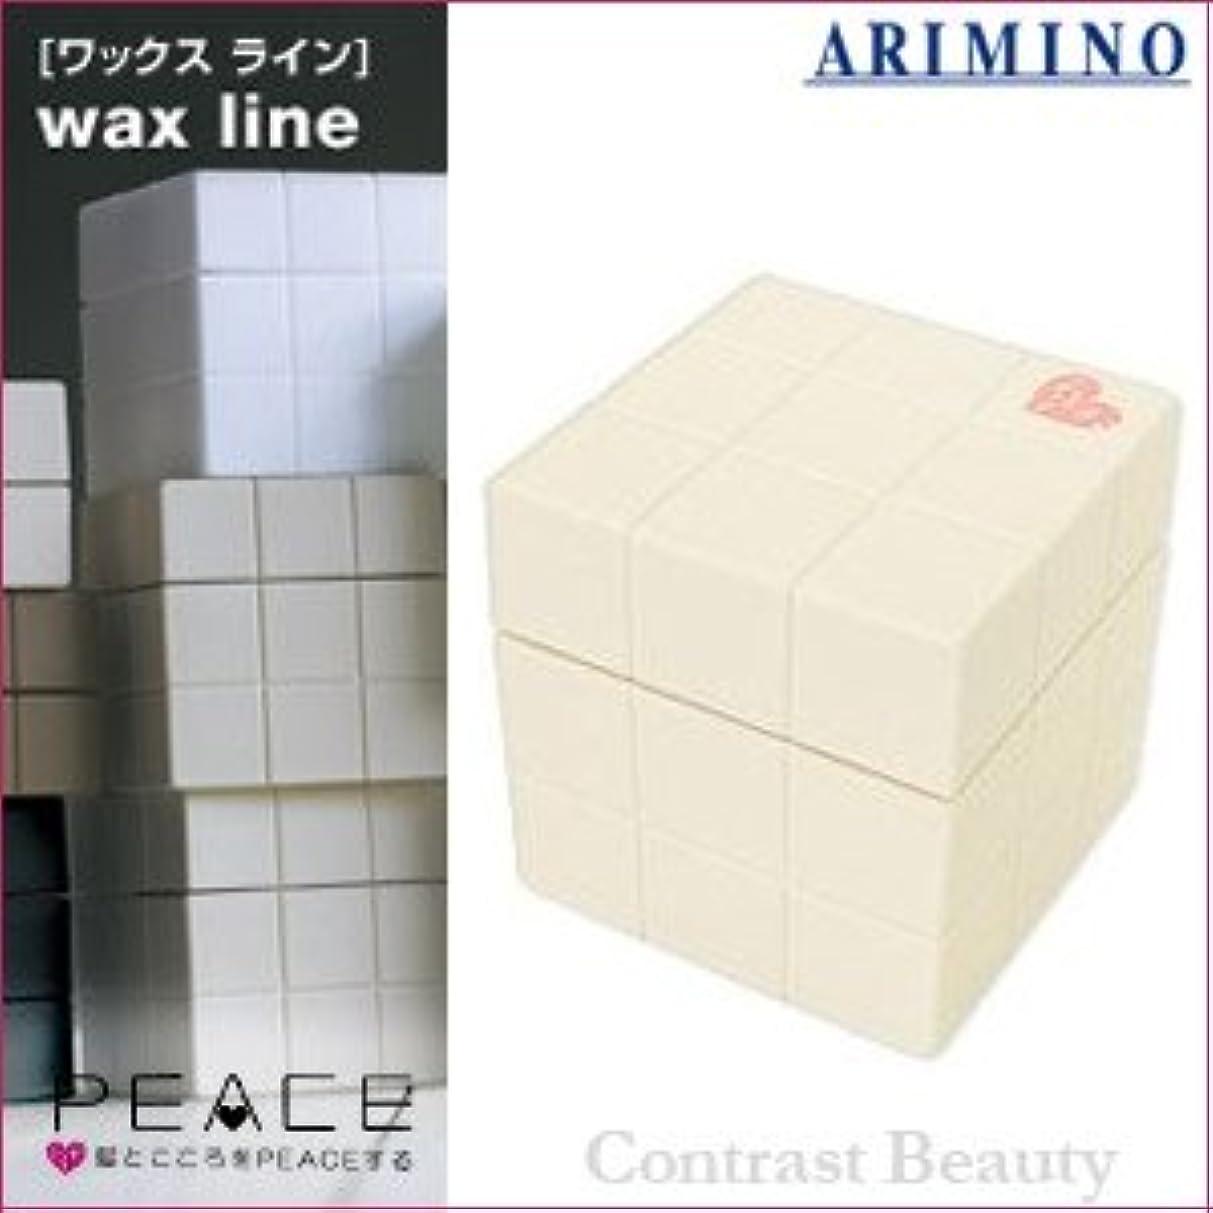 原稿スモッグスツール【x3個セット】 アリミノ ピース プロデザインシリーズ ニュアンスワックス バニラ 80g